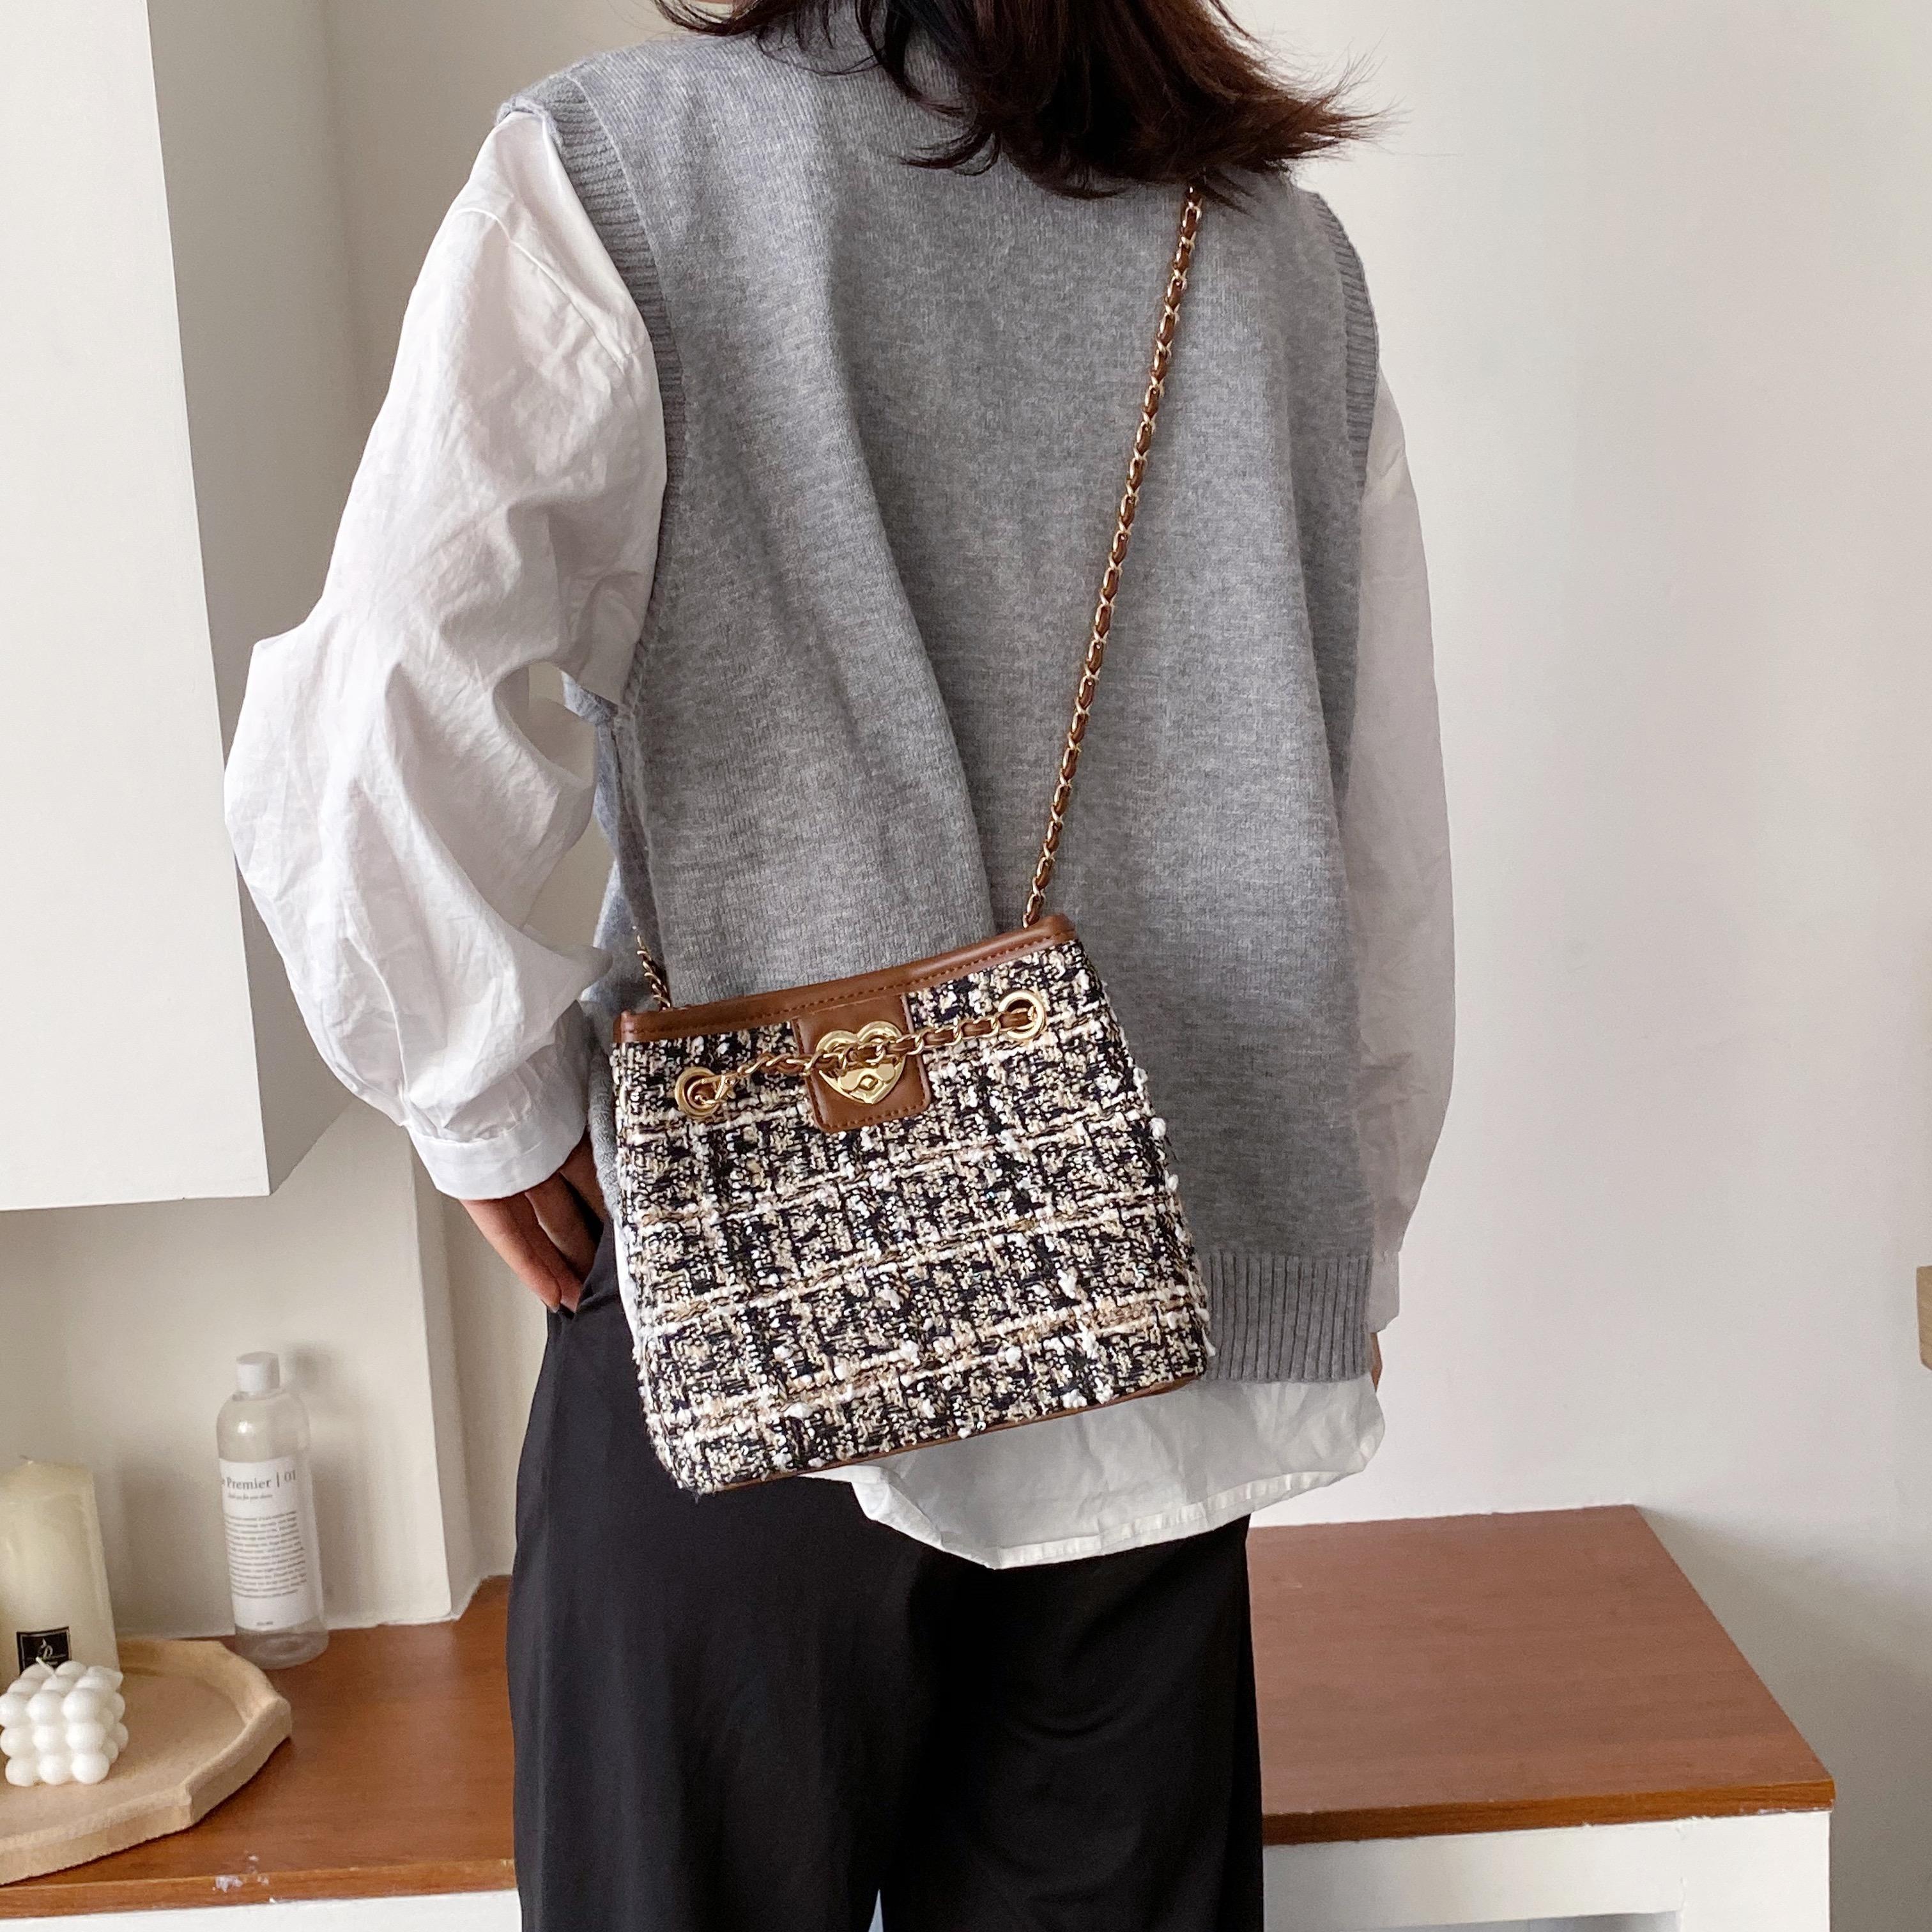 2019 고급 여성 체인 숄더 백 디자이너 품질 격자면 가죽 핸드백 패션 버클 메신저 백을 하트 모양의